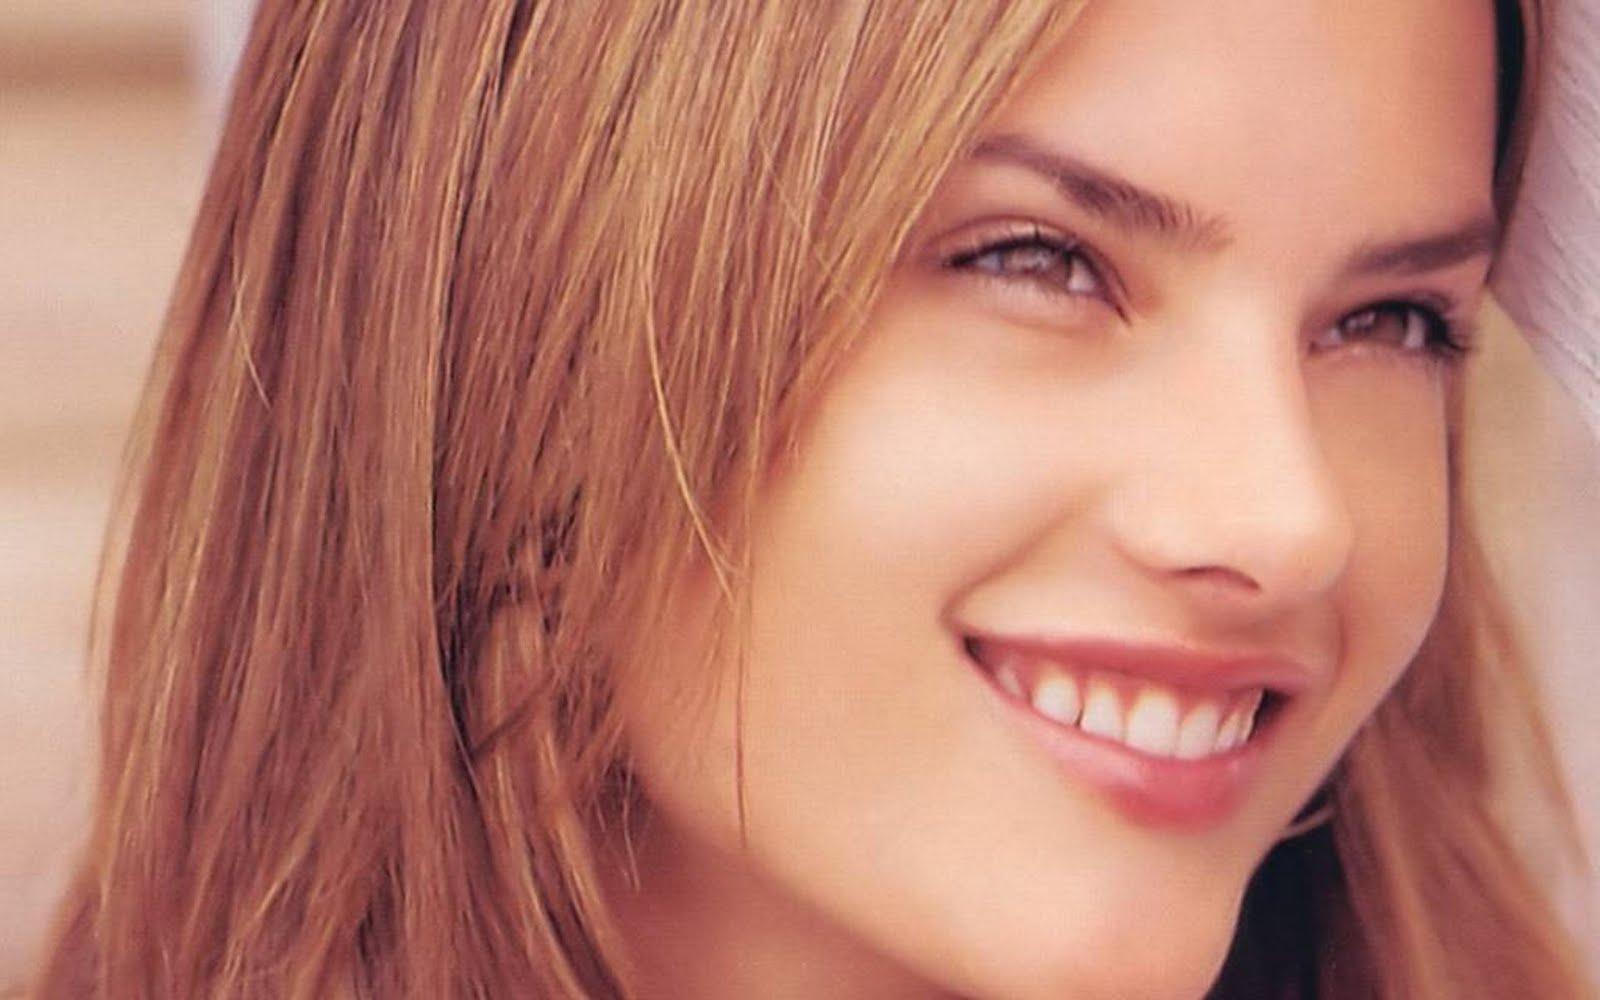 http://1.bp.blogspot.com/-KBtz2pSAq_A/ThqwjNZJi8I/AAAAAAAADRA/DlQecQZXu4Q/s1600/Alessandra-Ambrosio-Headshot.jpg